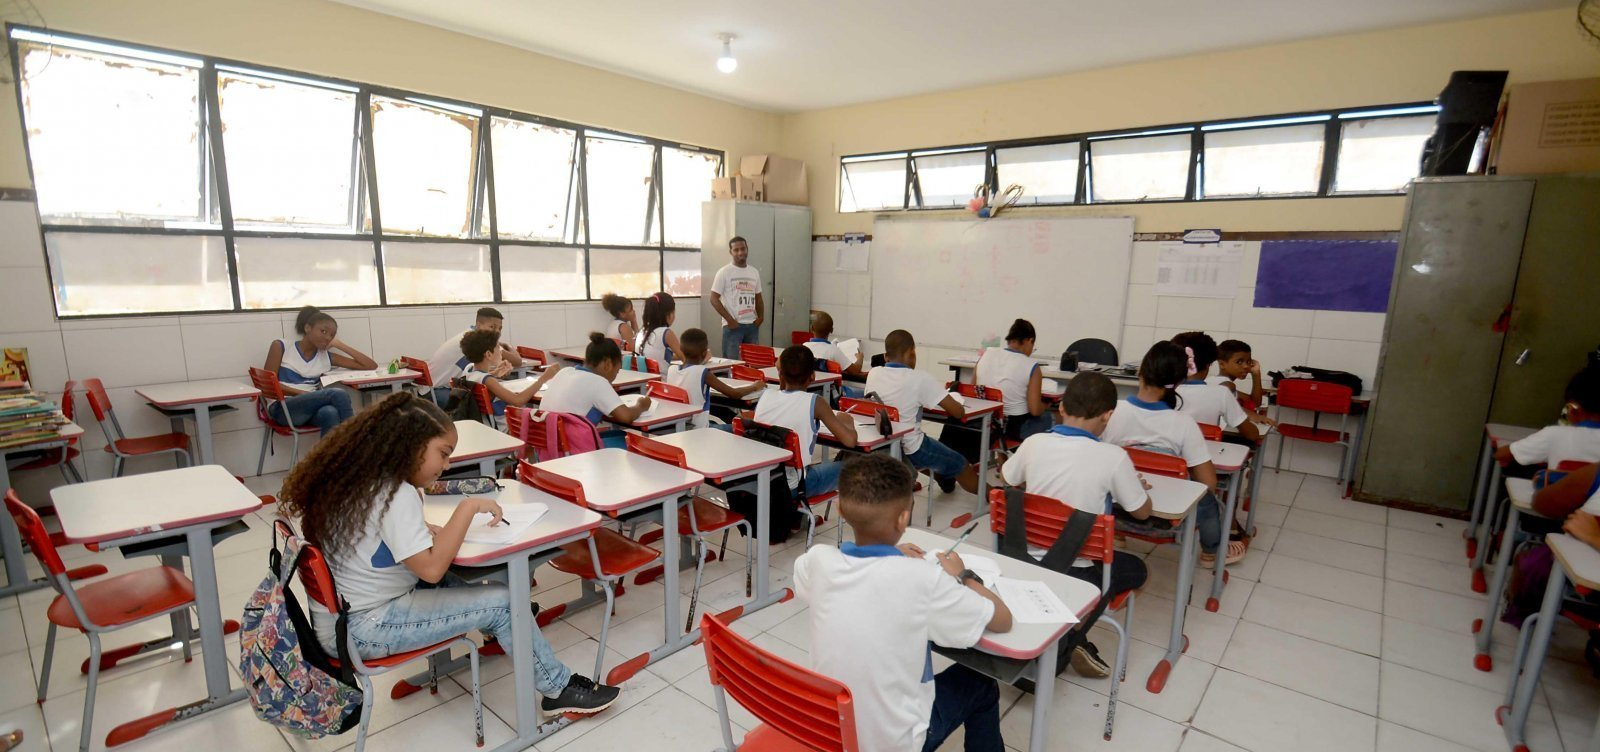 Governo libera aulas semipresenciais em 19 cidades da Bahia